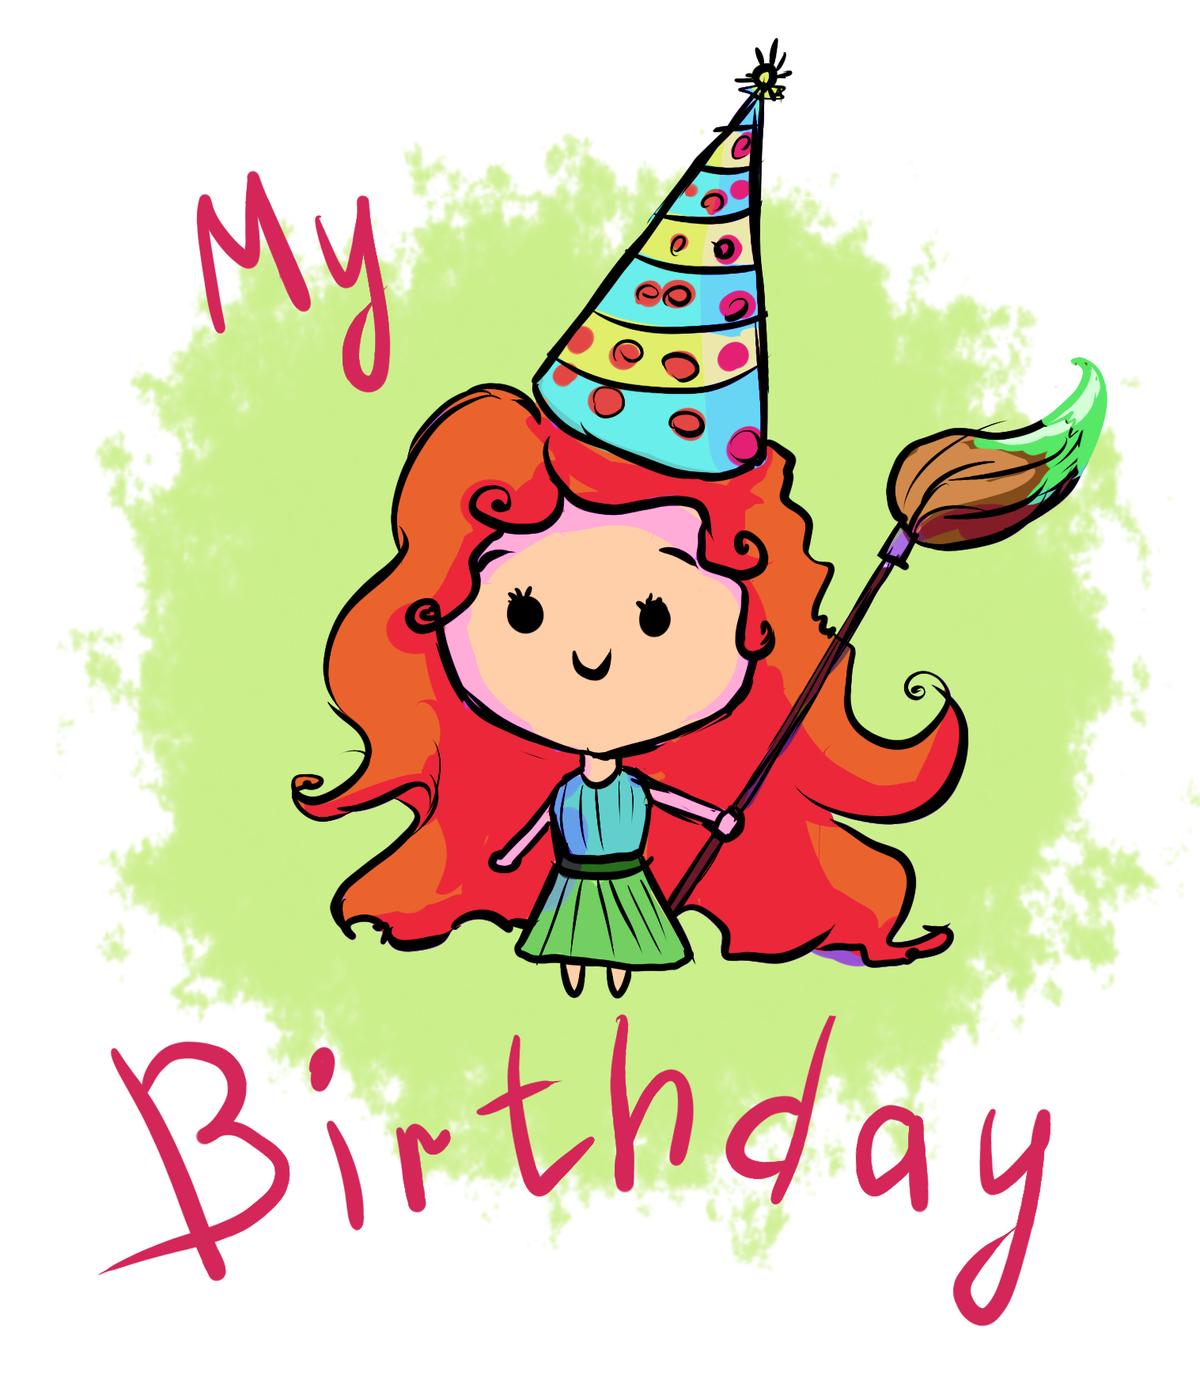 Смотритесь, сегодня мой день рождения картинки